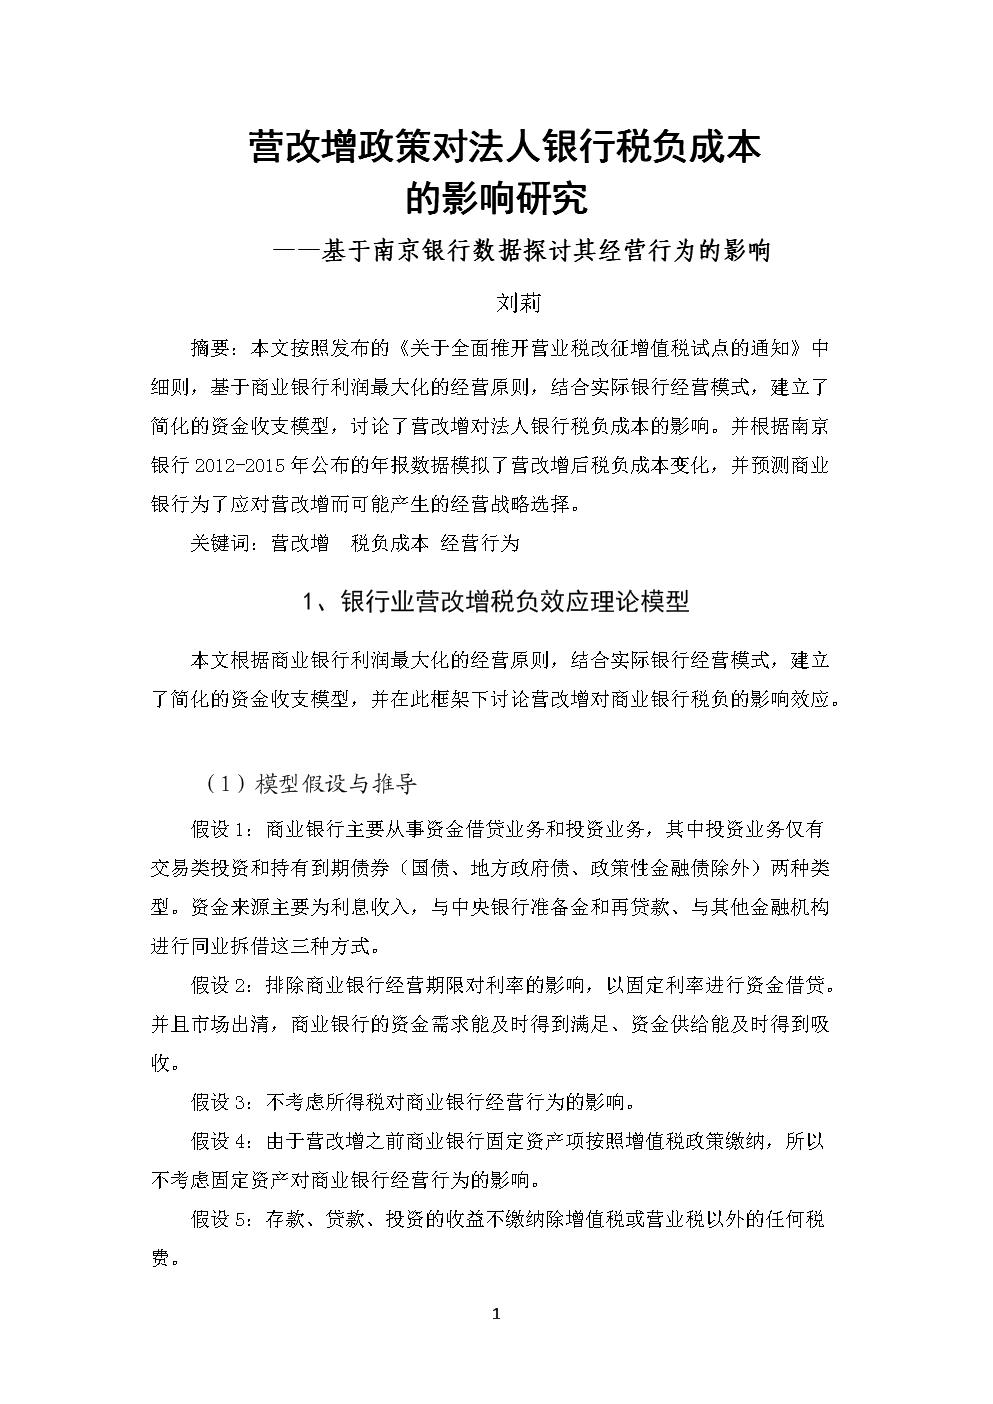 营改增政策对法人银行税负成本的影响研究(成稿).doc